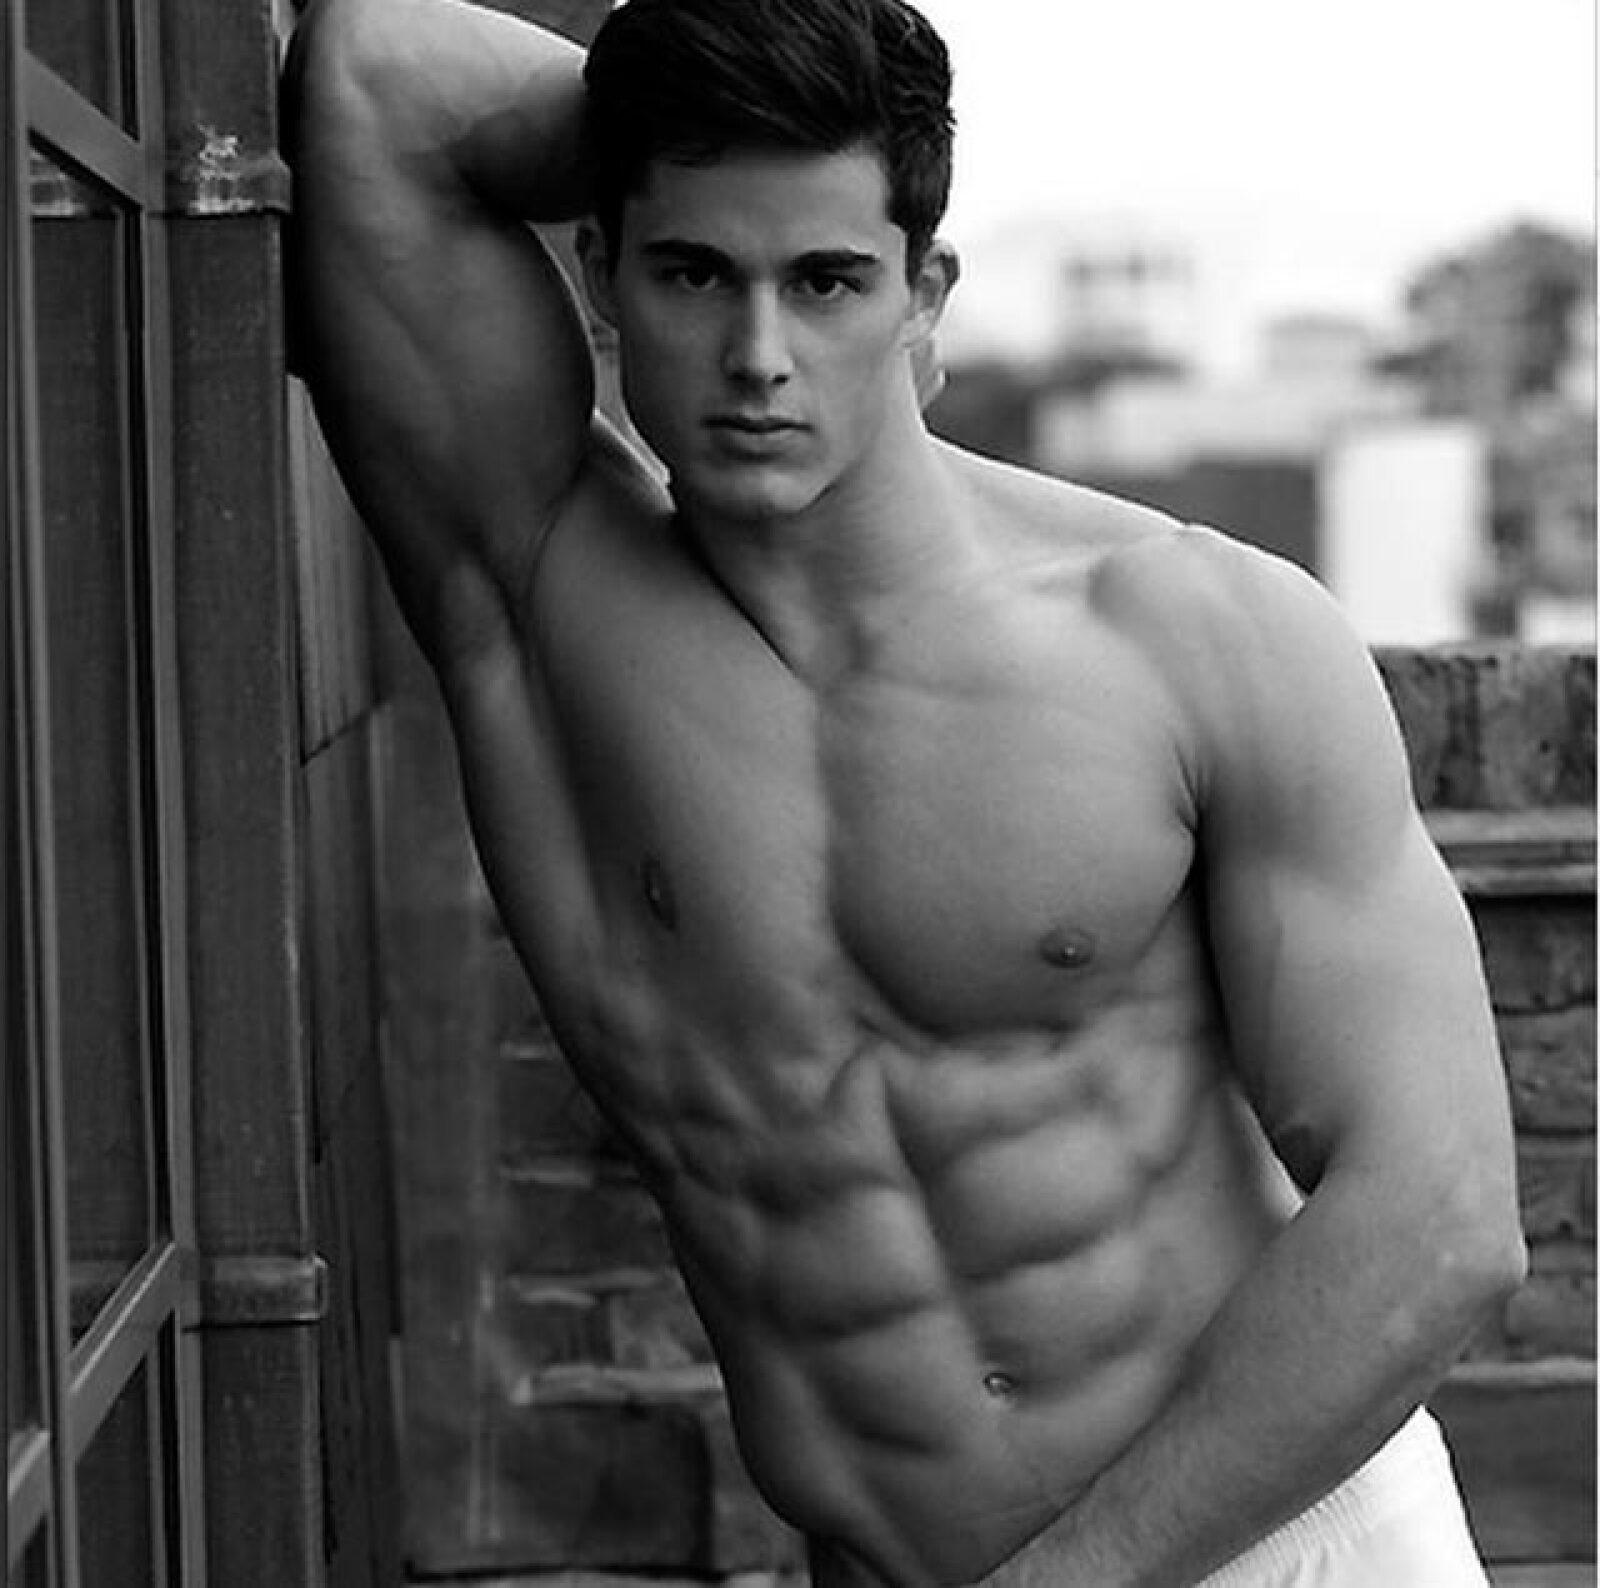 Este guapo italiano fue descubierto en Google por una de sus alumnas en la University College London, quien reveló que además de ser maestro es un cotizado modelo.